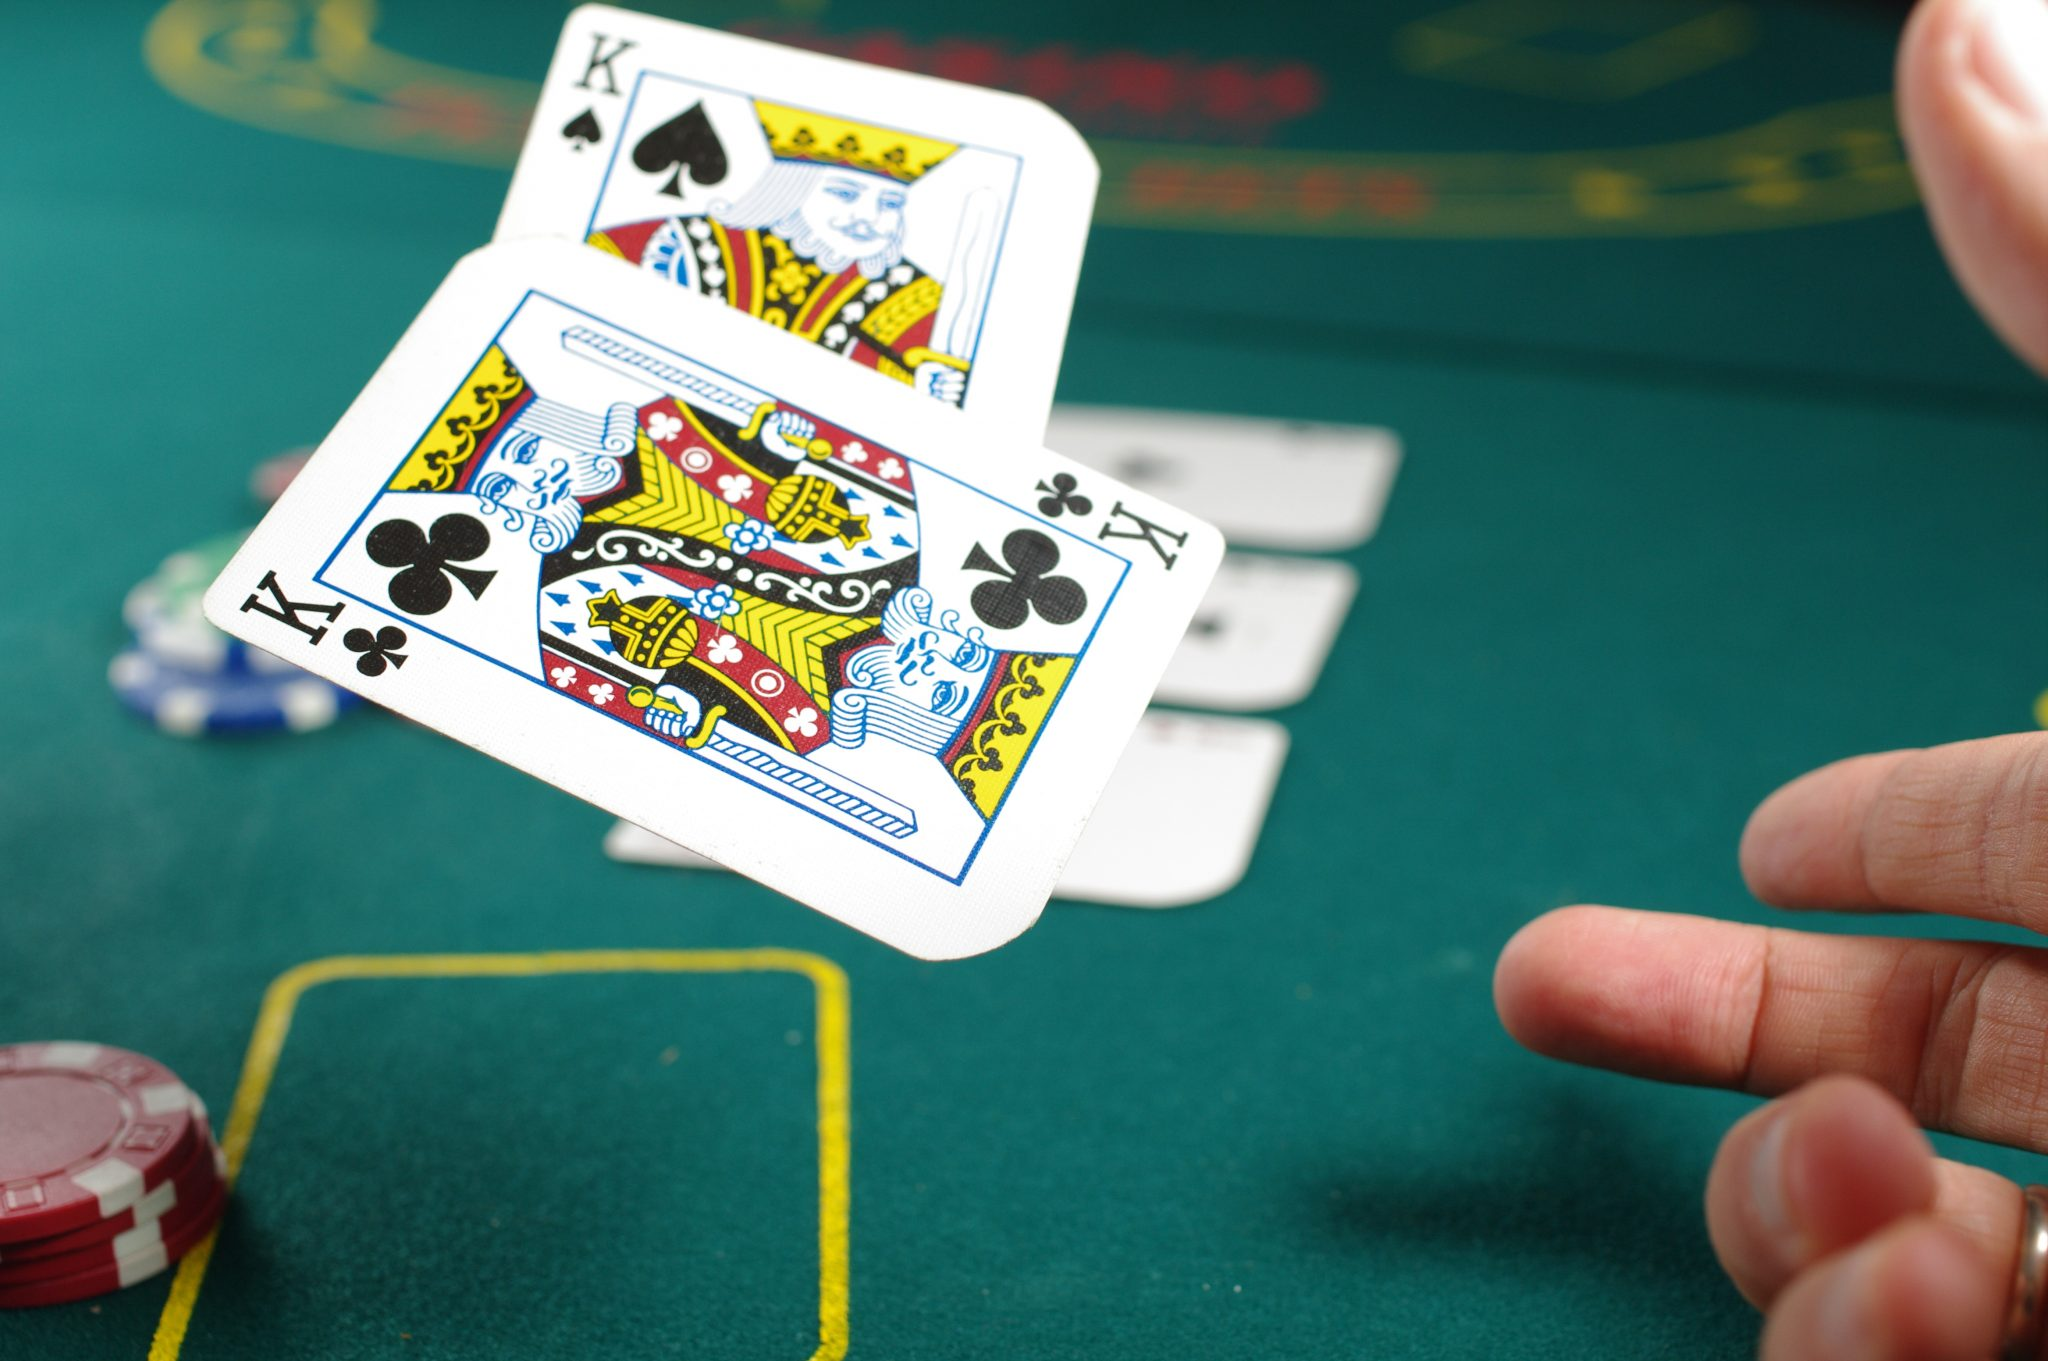 Play Casino Games in Total Comfort Online